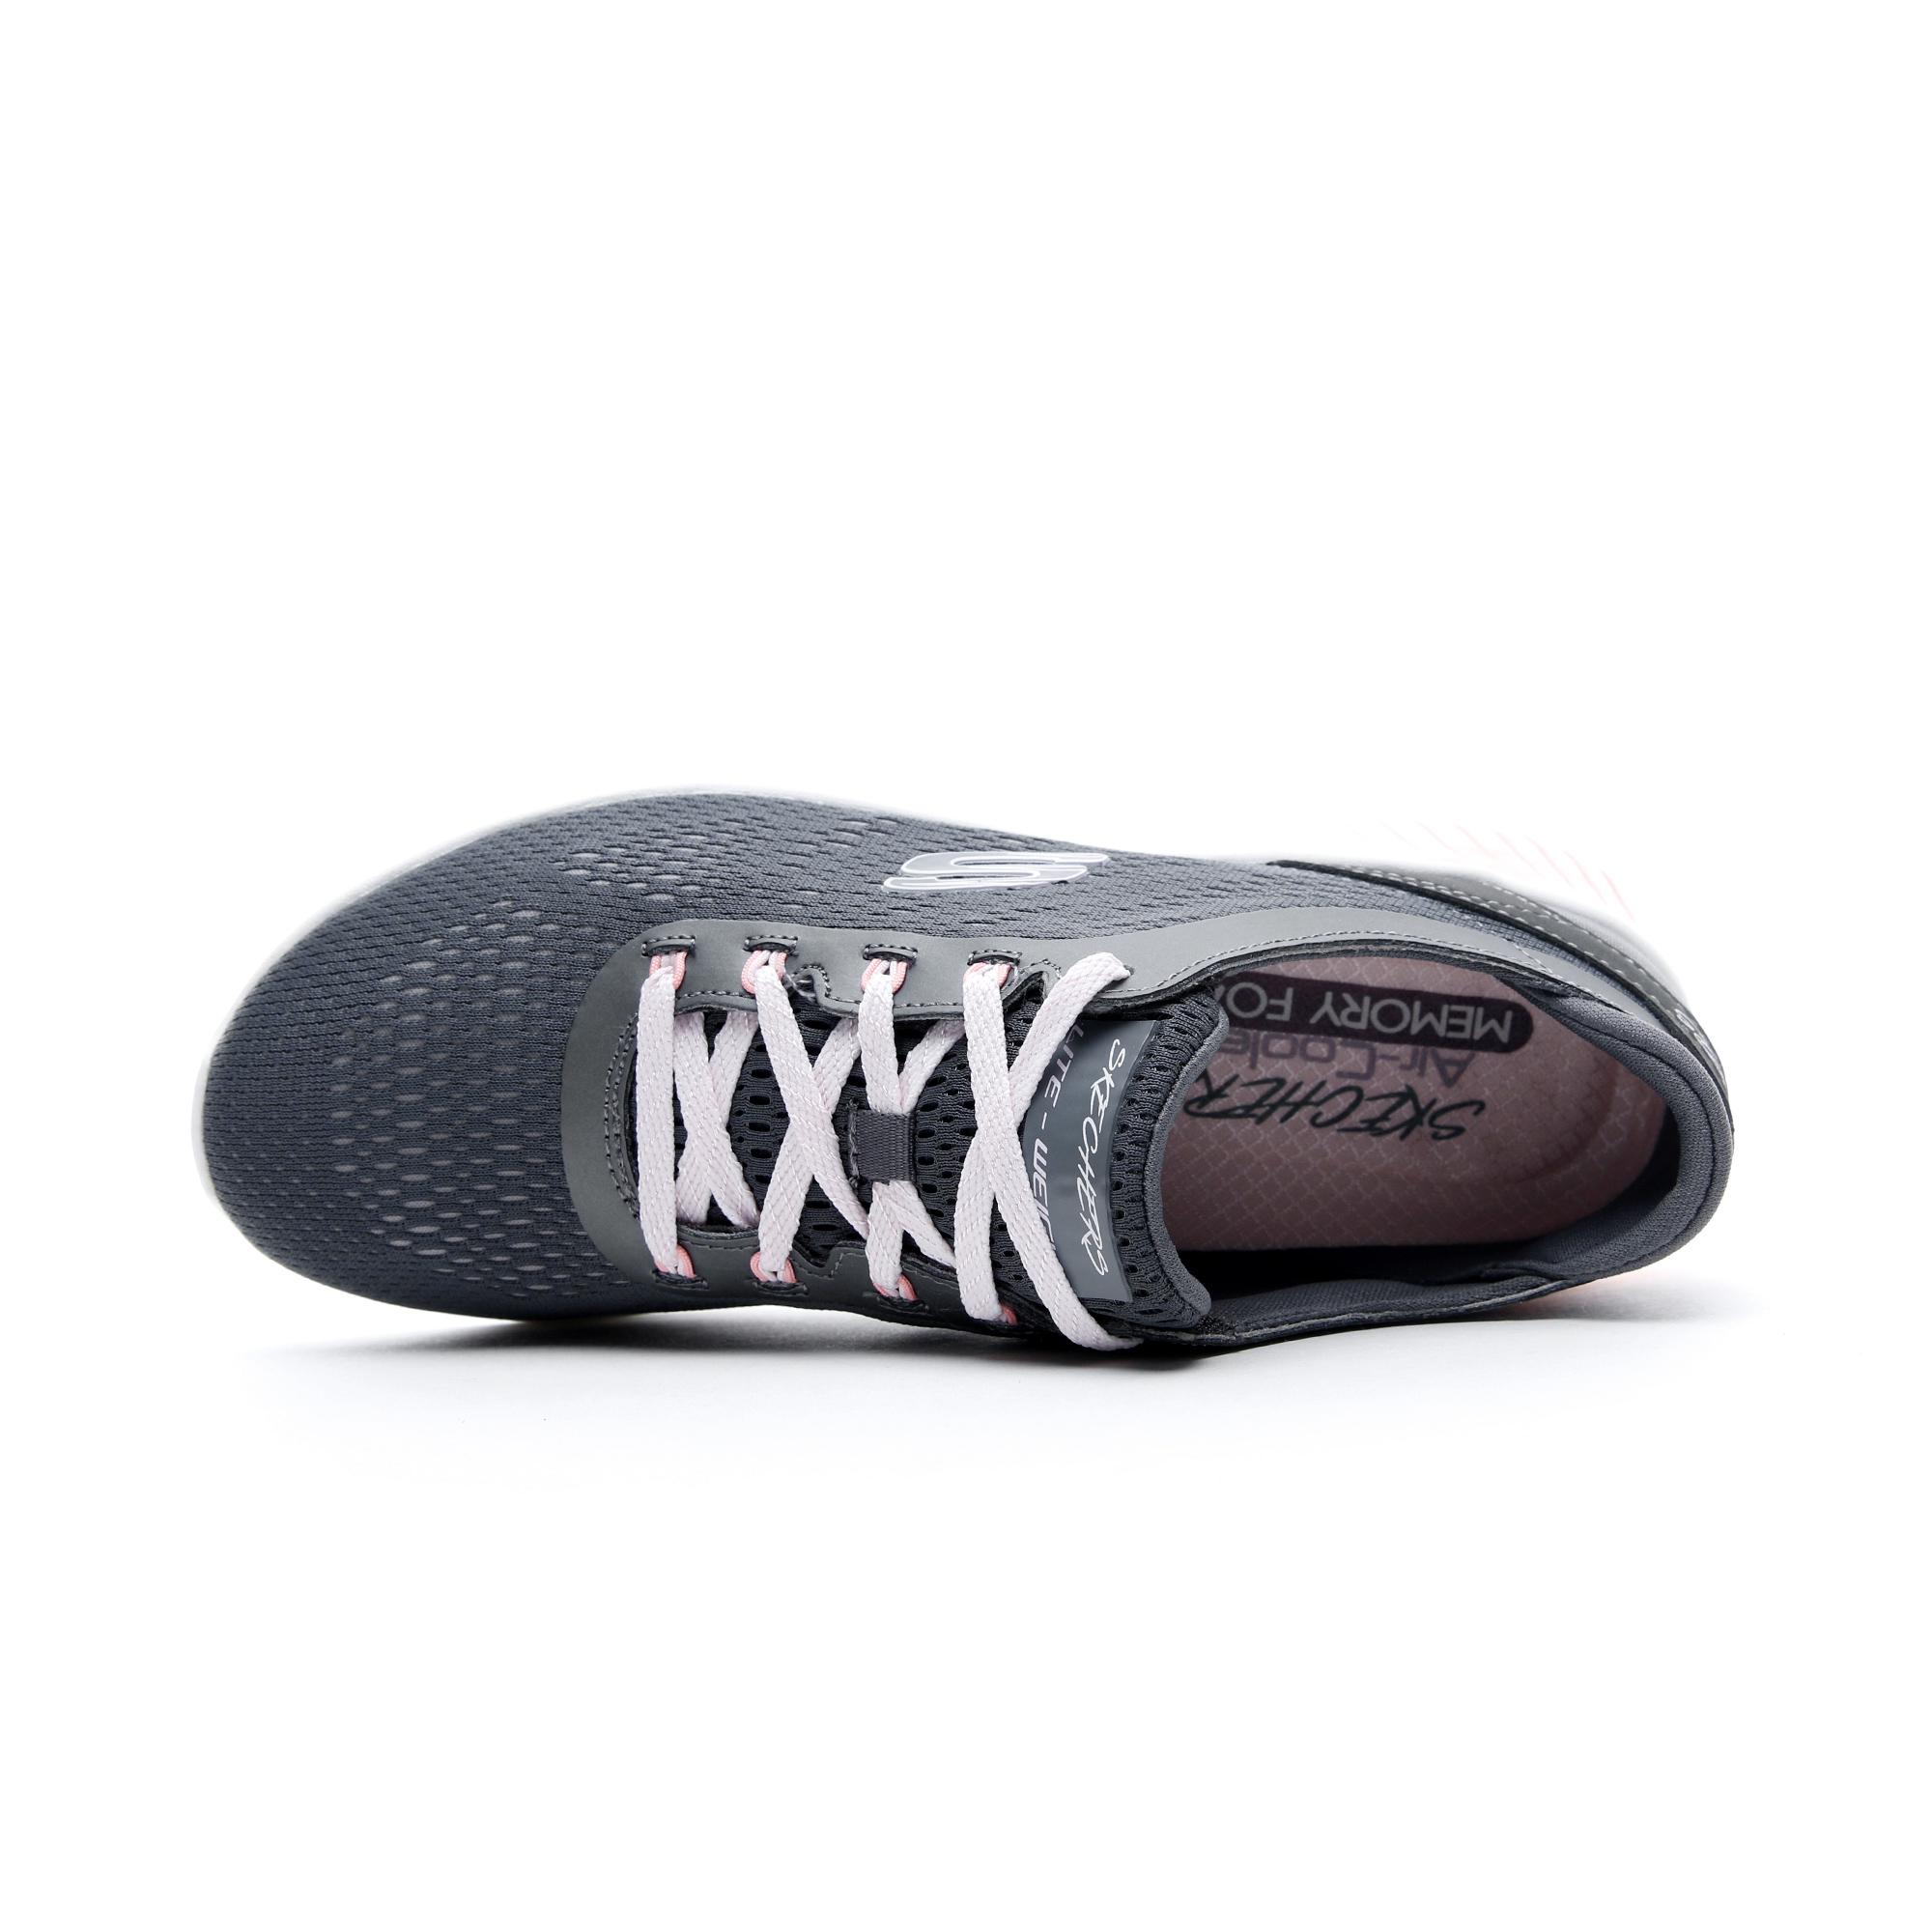 Skechers Skech-Air Ultra Flex Gri Kadın Spor Ayakkabı